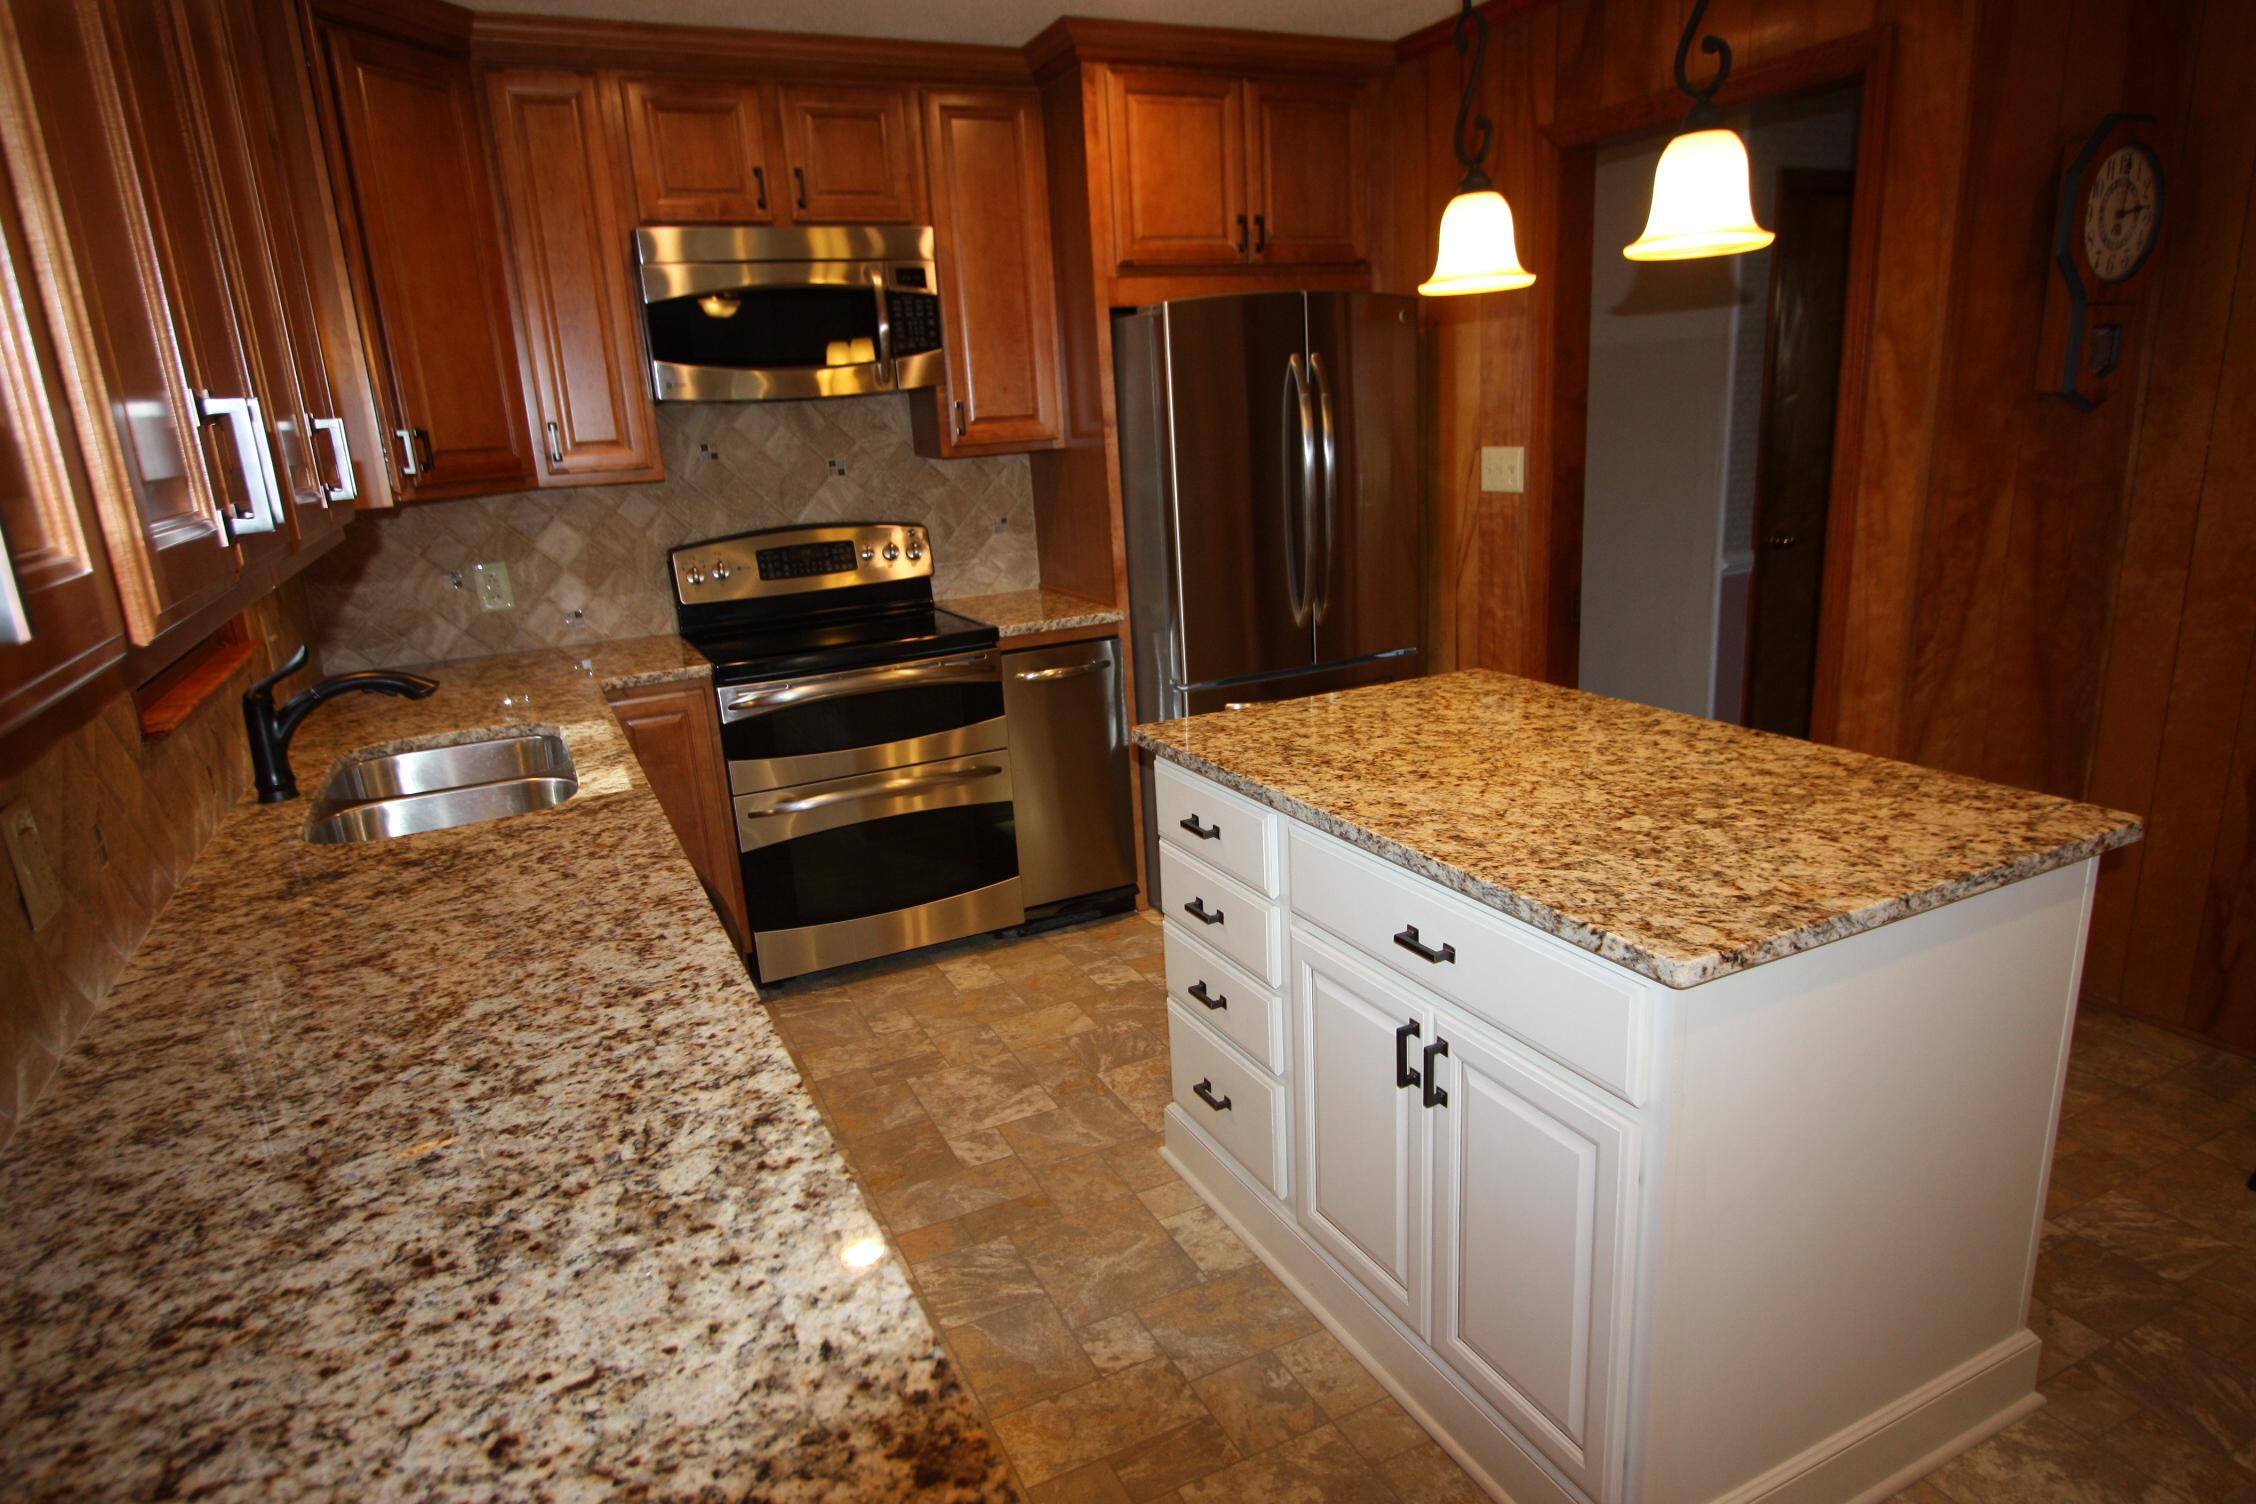 Simmons Kitchen 5